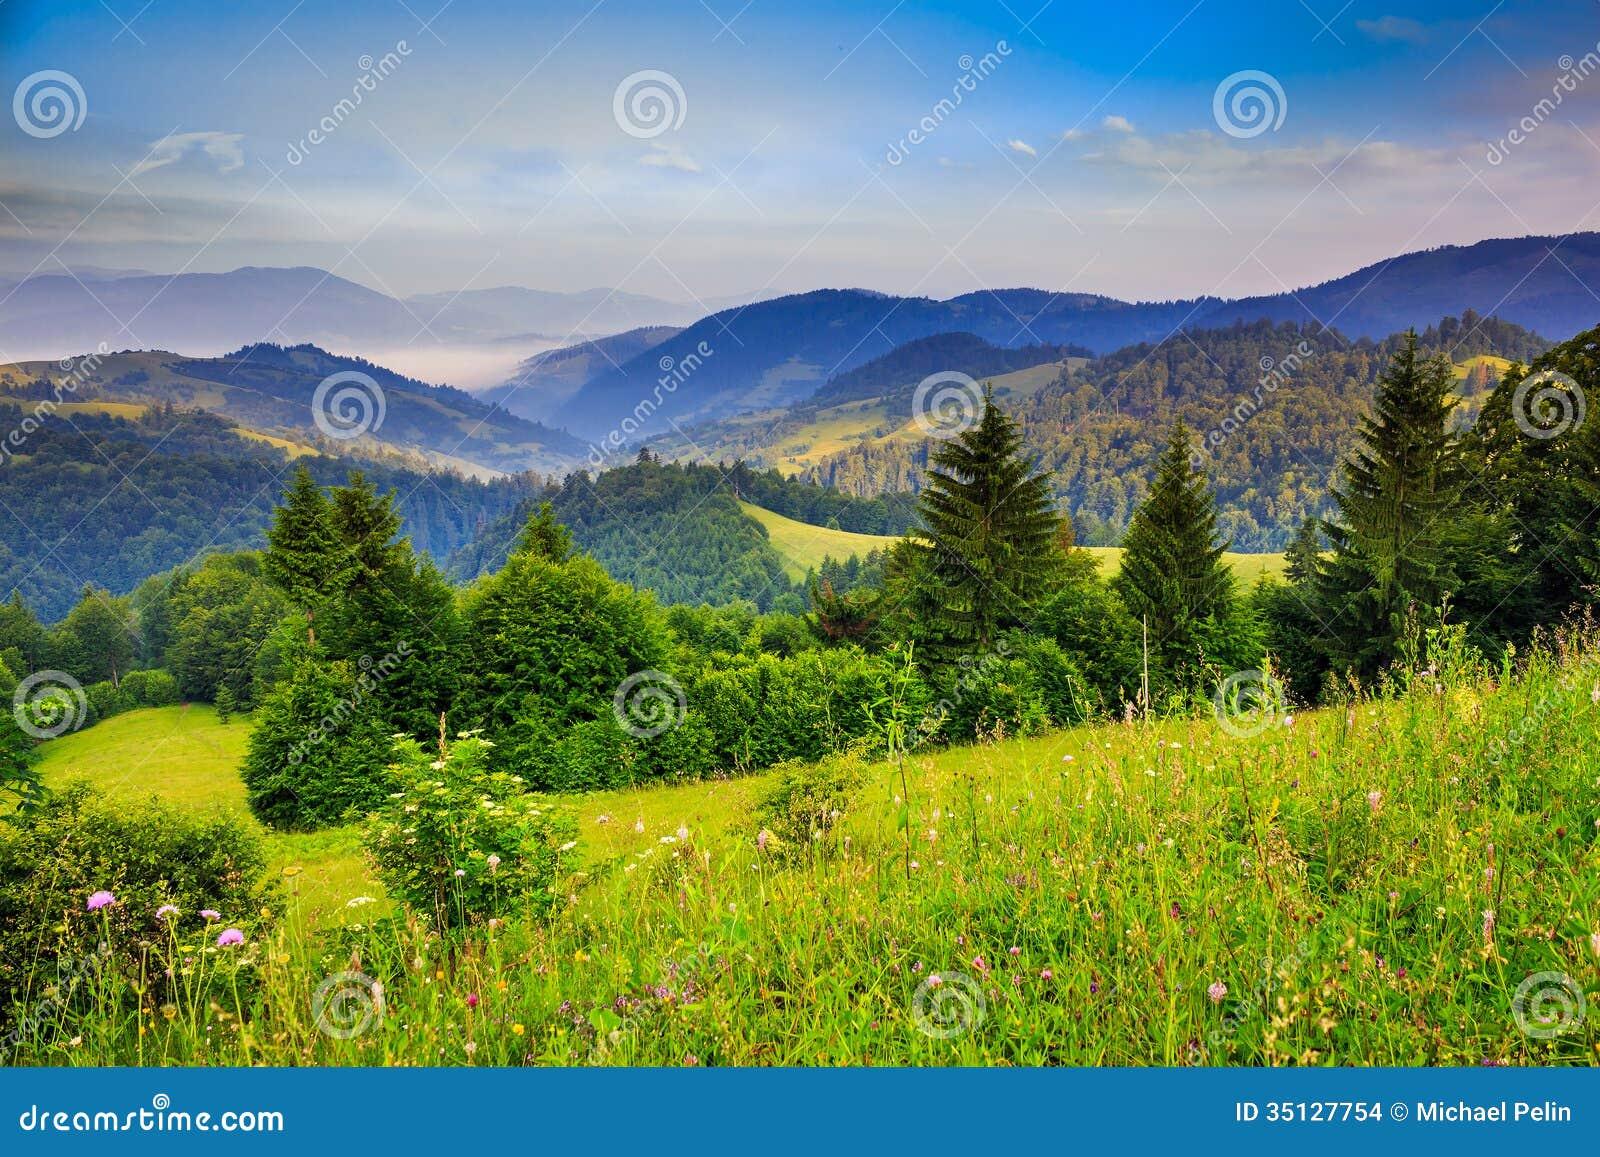 mountains pine trees - photo #16